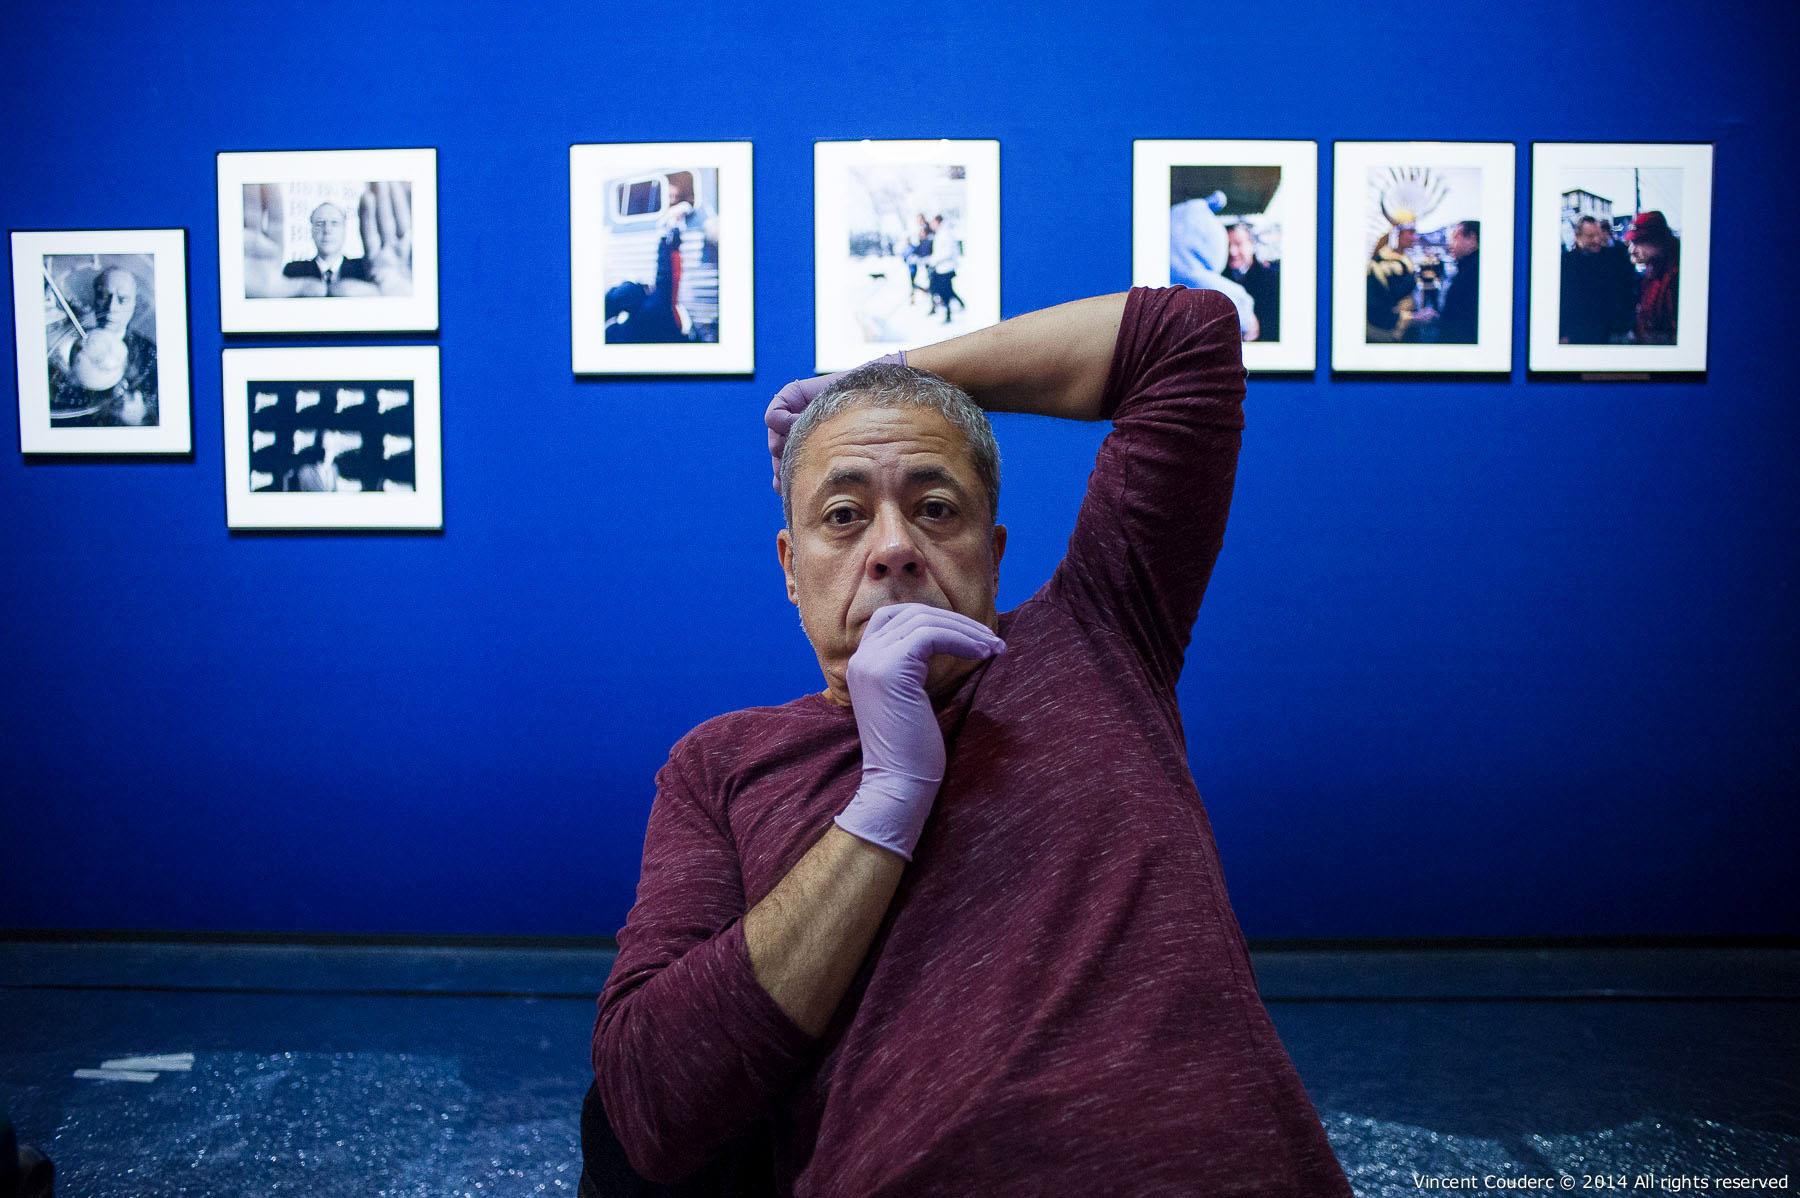 François Cheval,commissaire d'exposition  Exposition sur le travail du photographe Henri Dauman Palais d'Iéna,Paris, 2014.   www.manhattan-darkroom.com